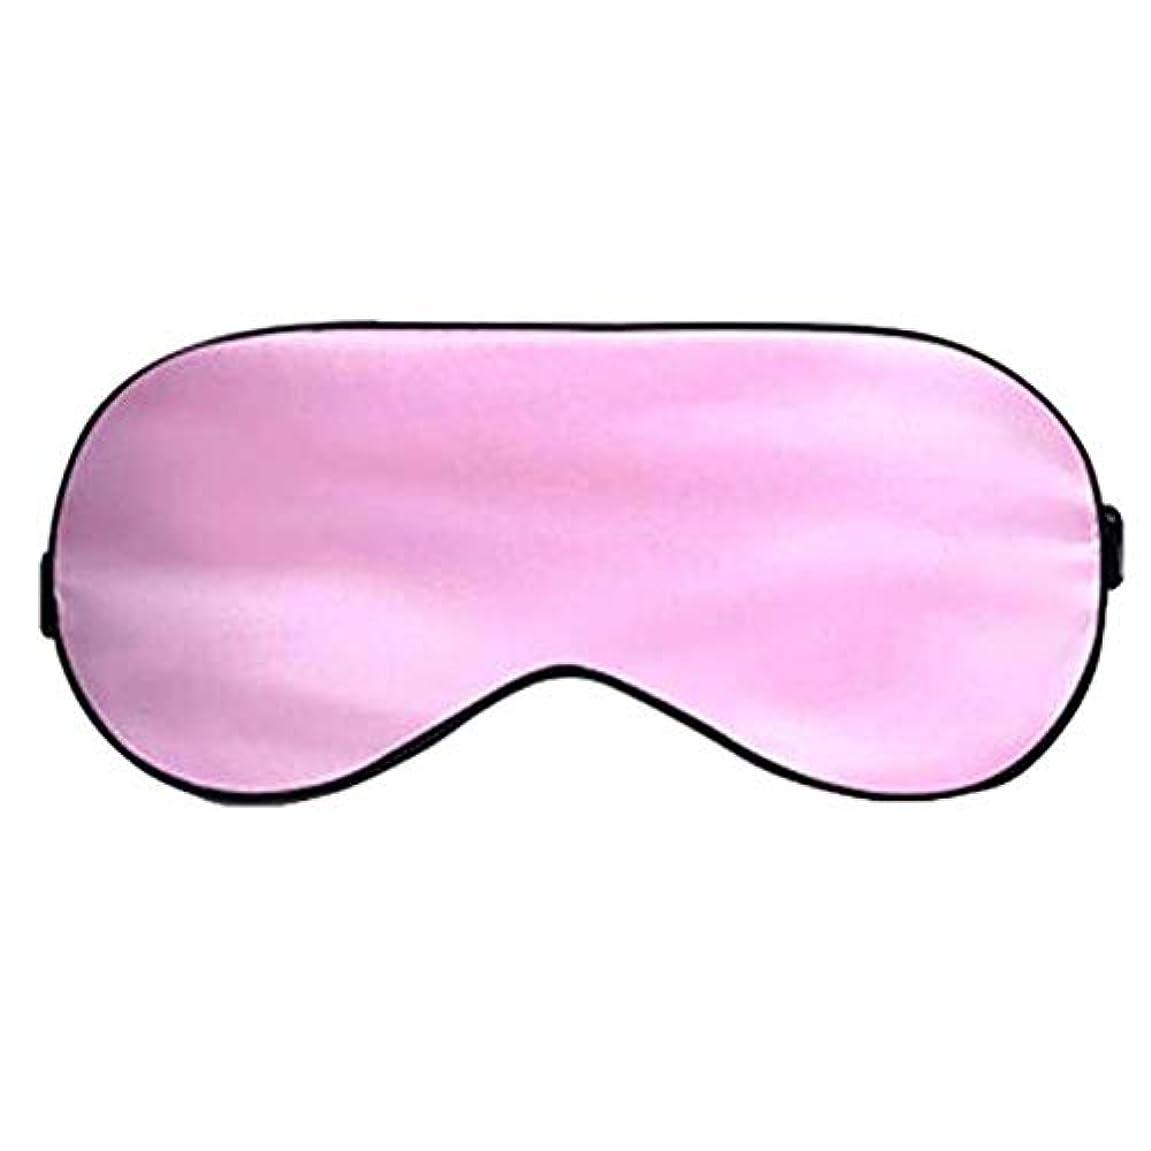 感謝している知り合いヘビピンクシルク睡眠アイシェッド睡眠アイマスク睡眠用調節可能なストラップ